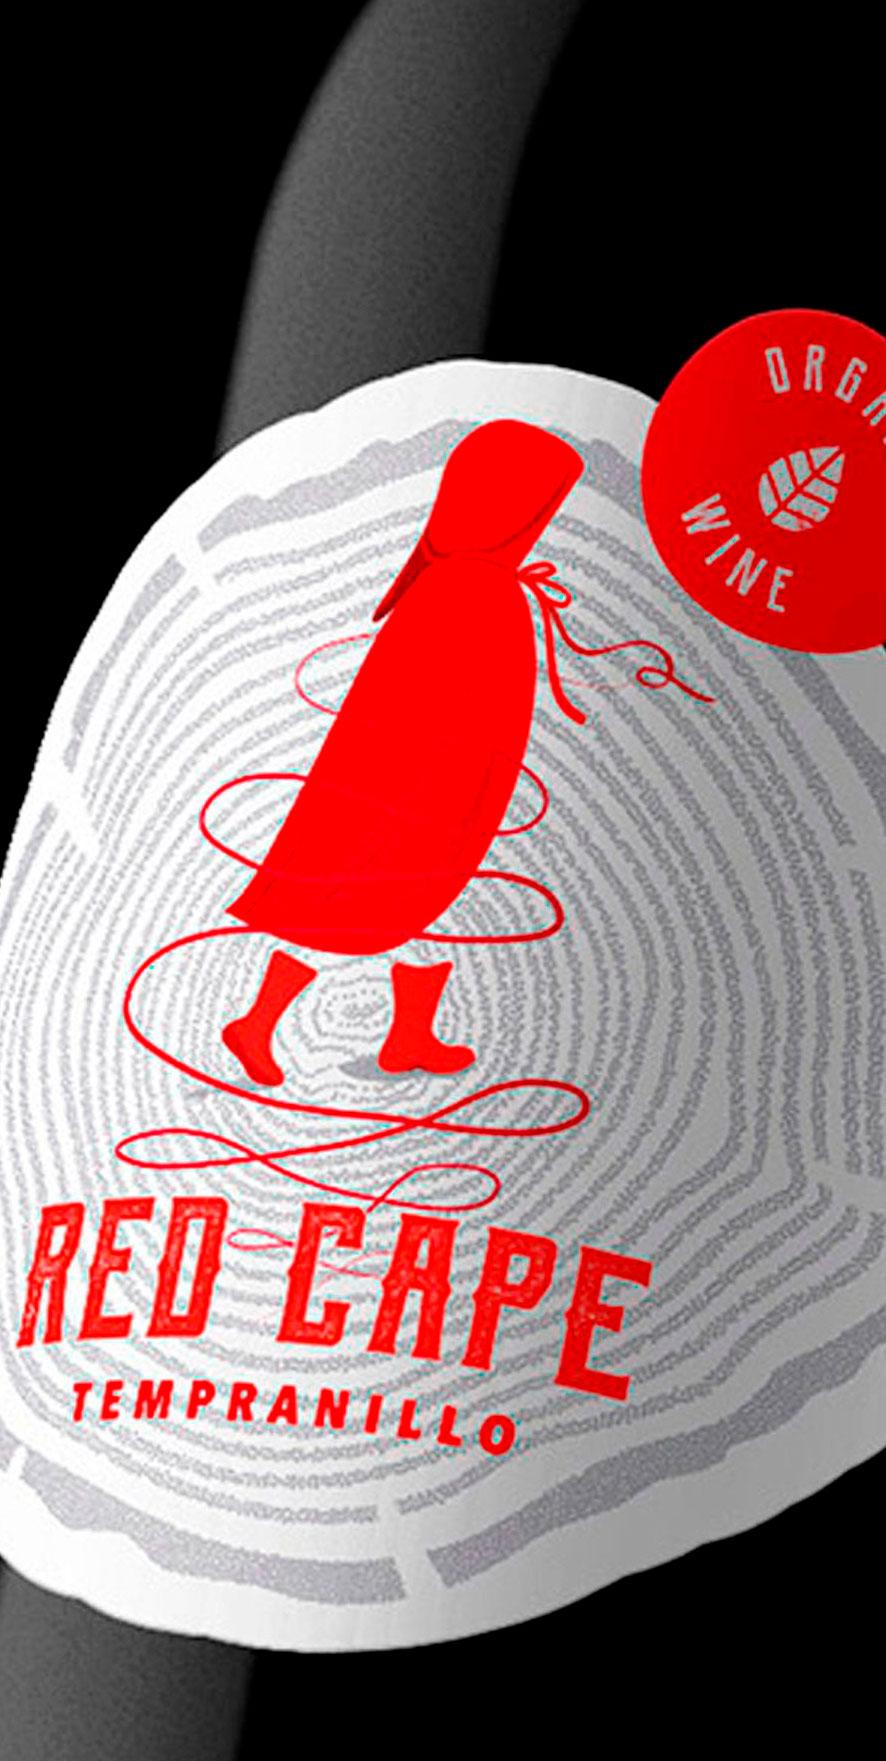 Red Cape Tempranillo | Bodegas Valdepablo